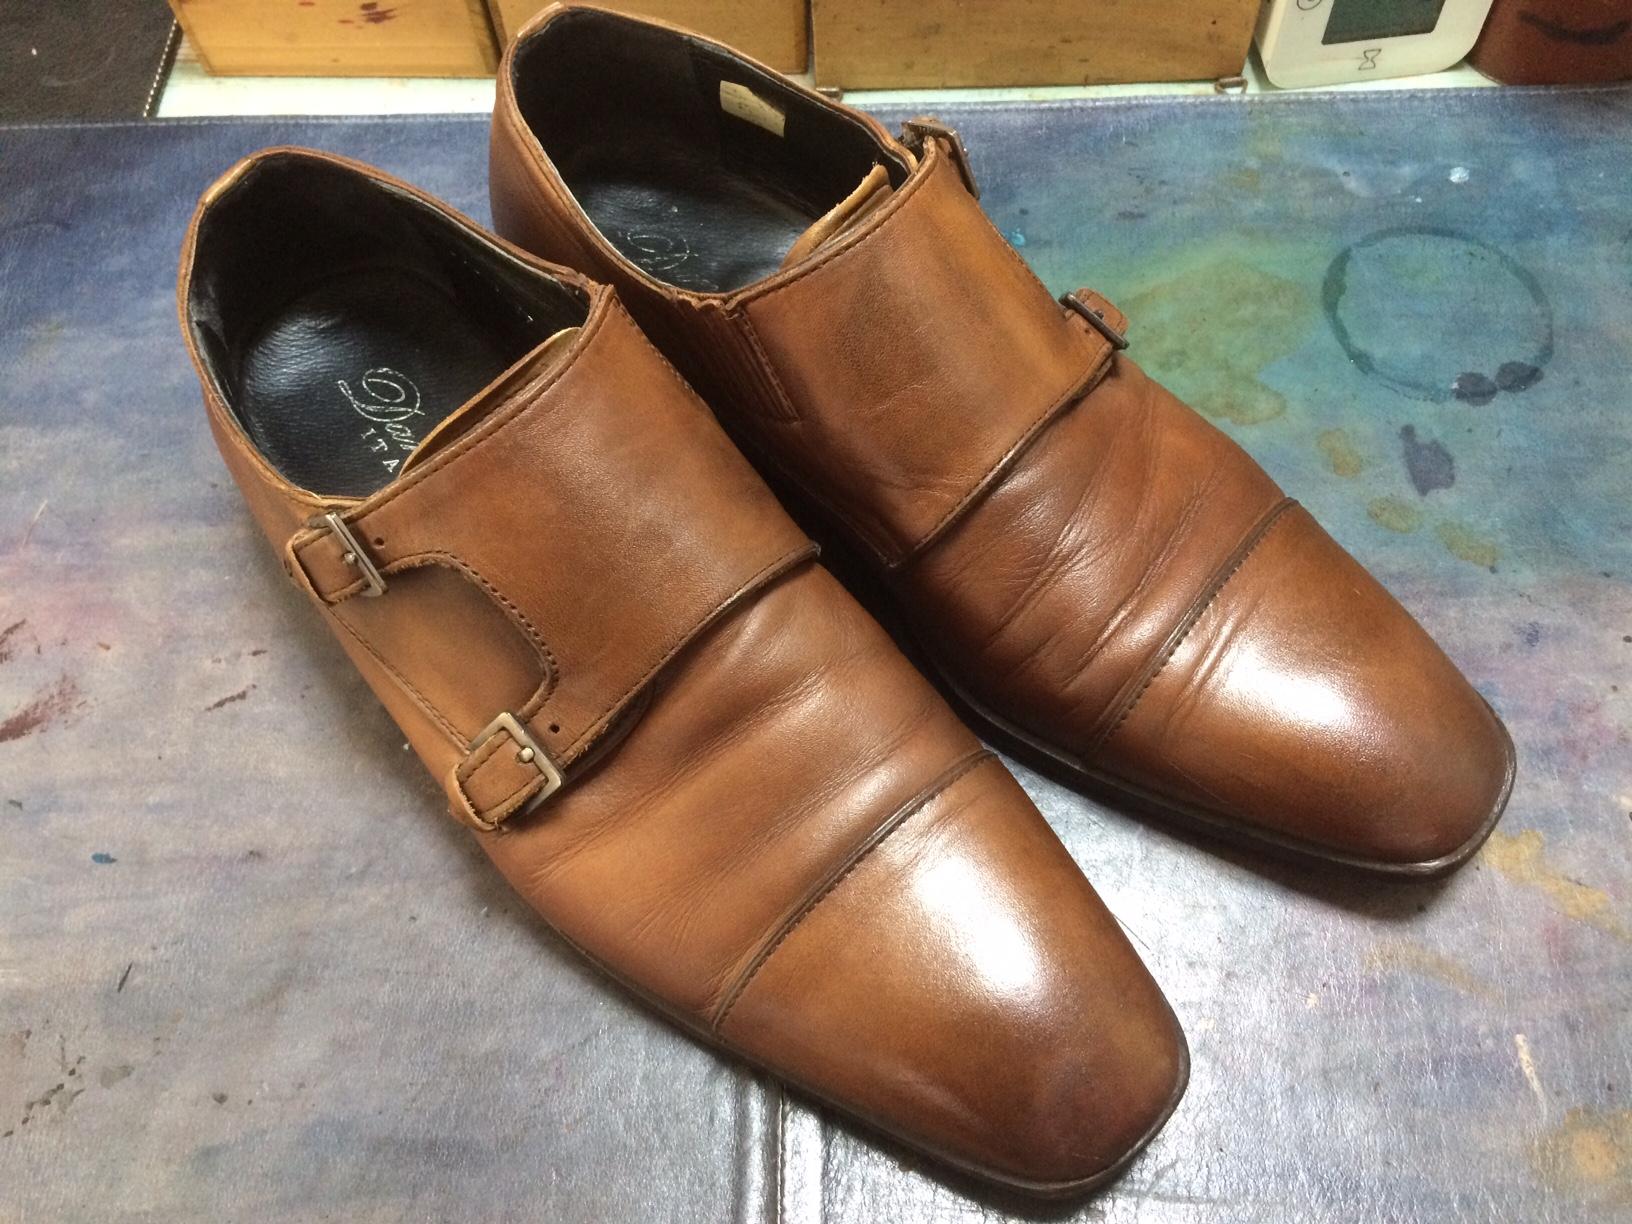 バレンタイン プレゼント 靴磨き